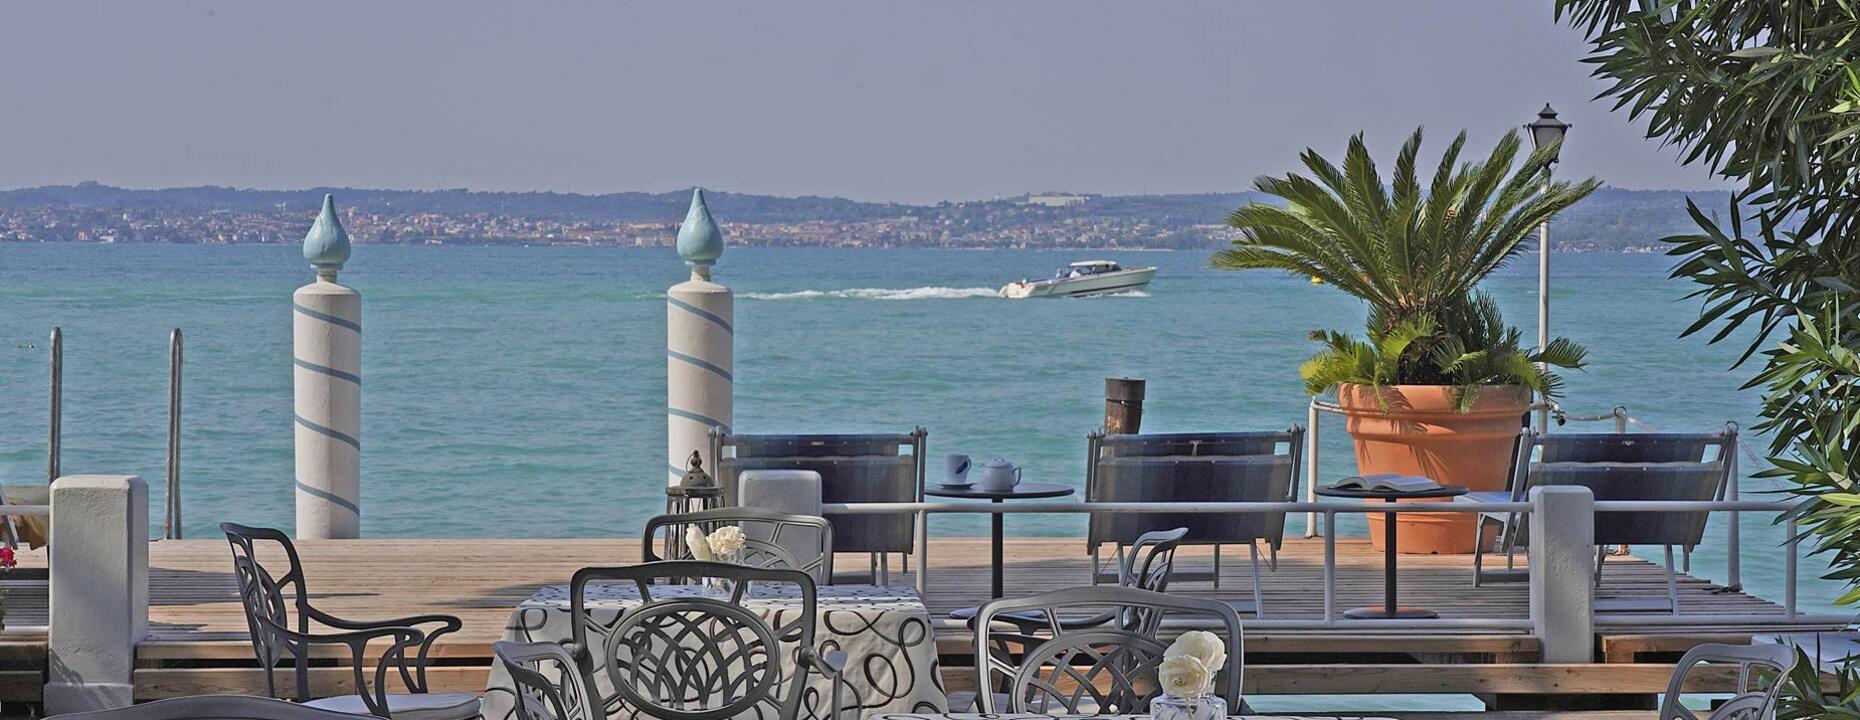 hotelmarconisirmione it offerte-eventi 004